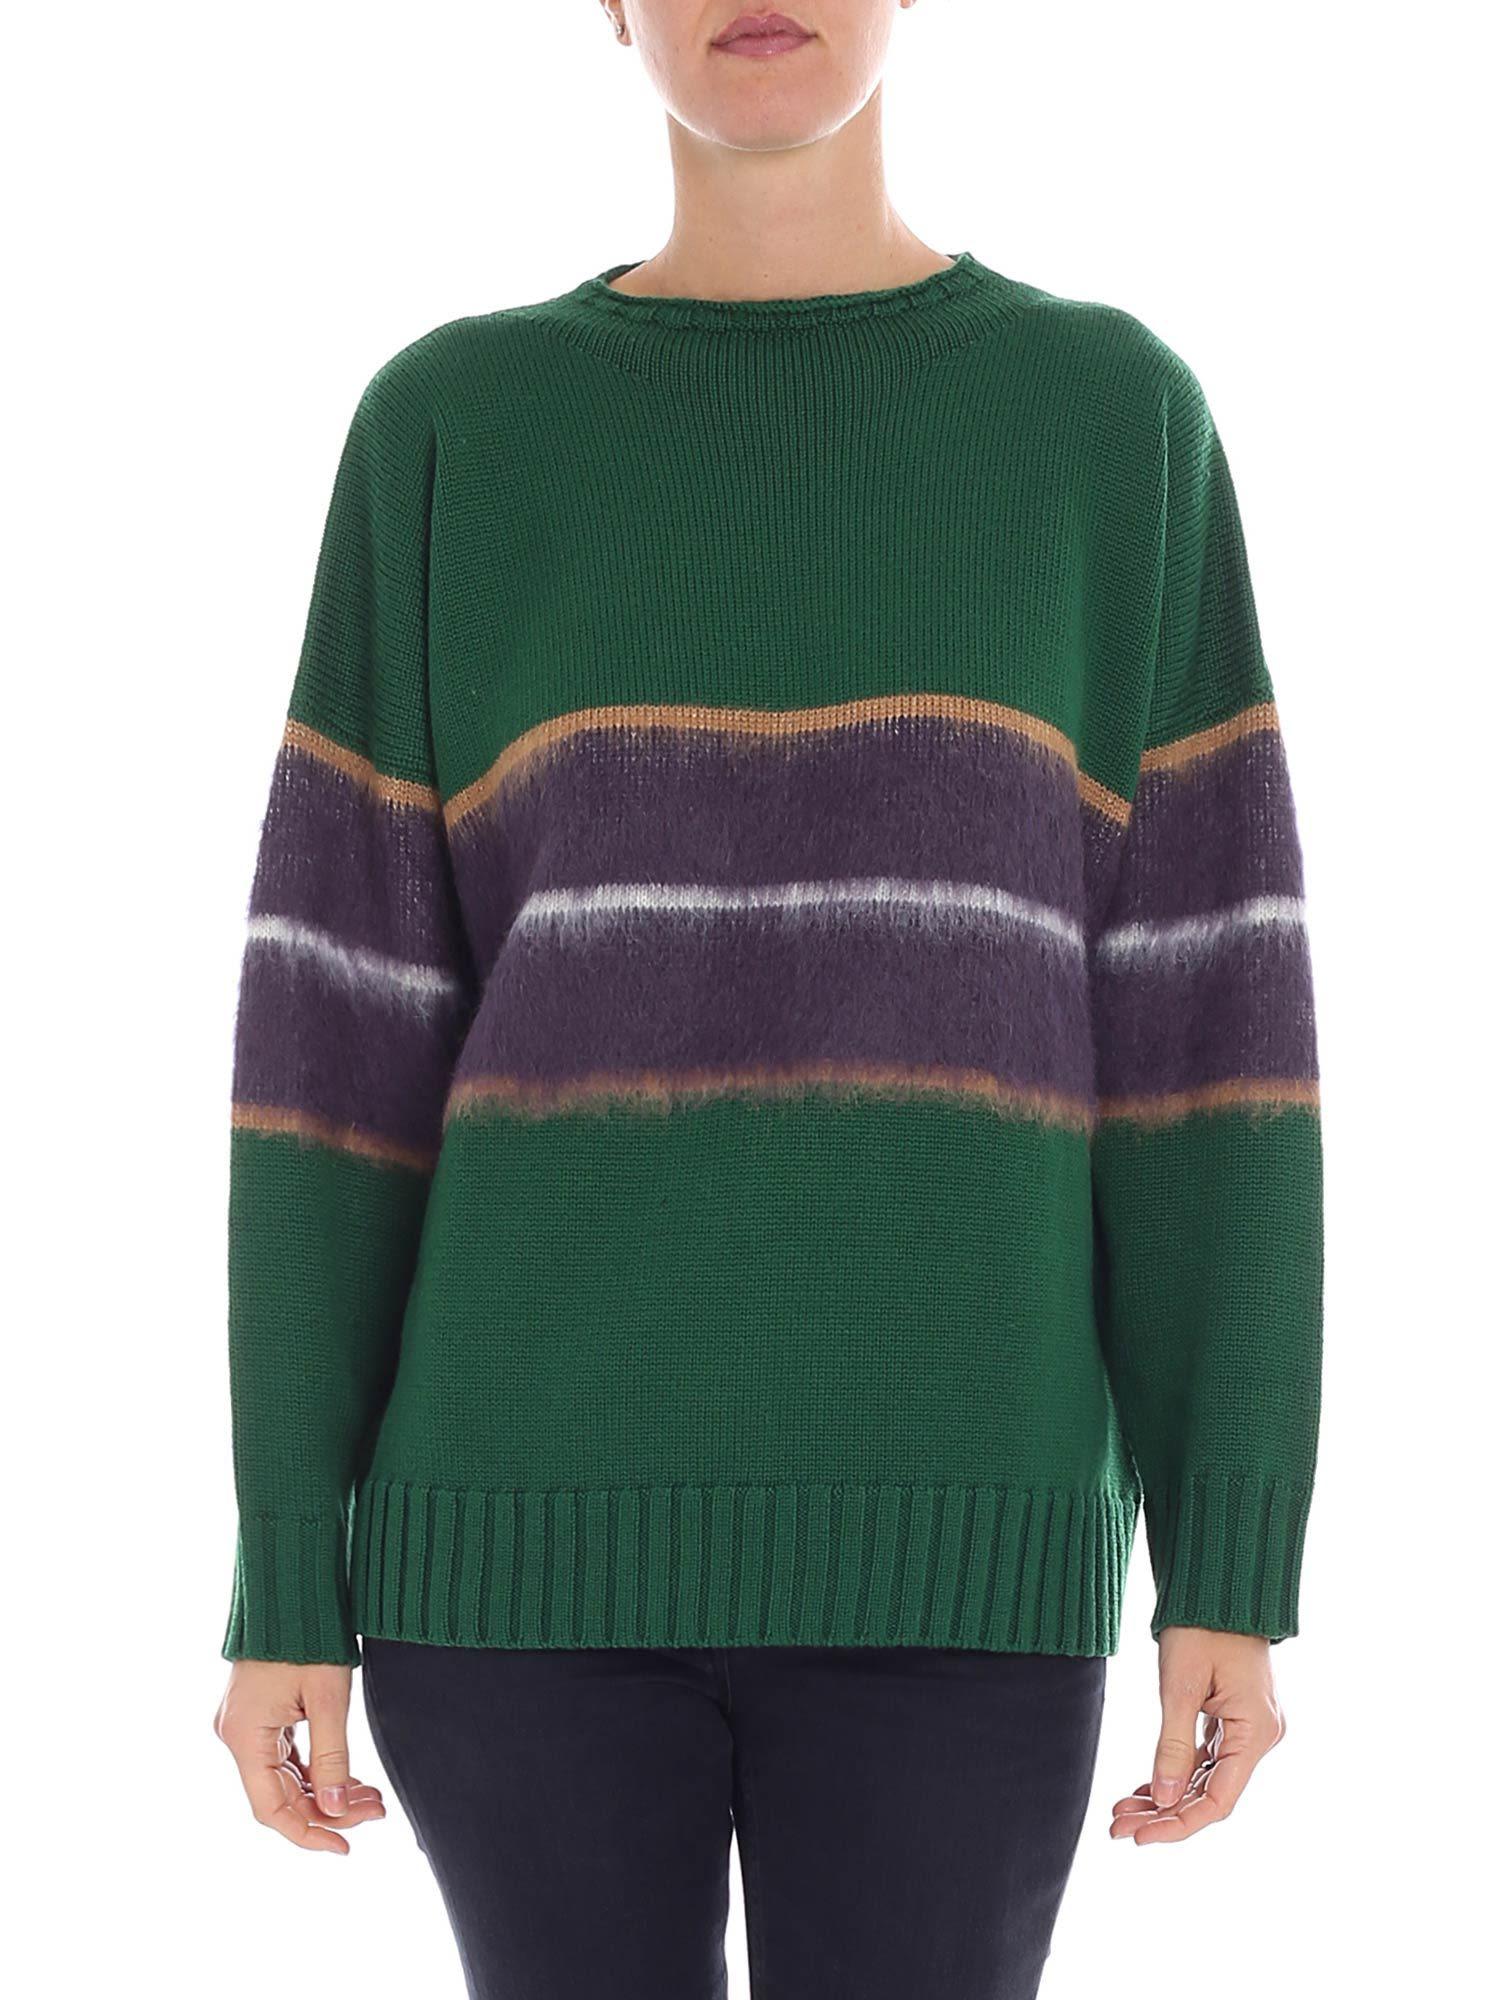 ALTEA Striped Knit Sweater in Green